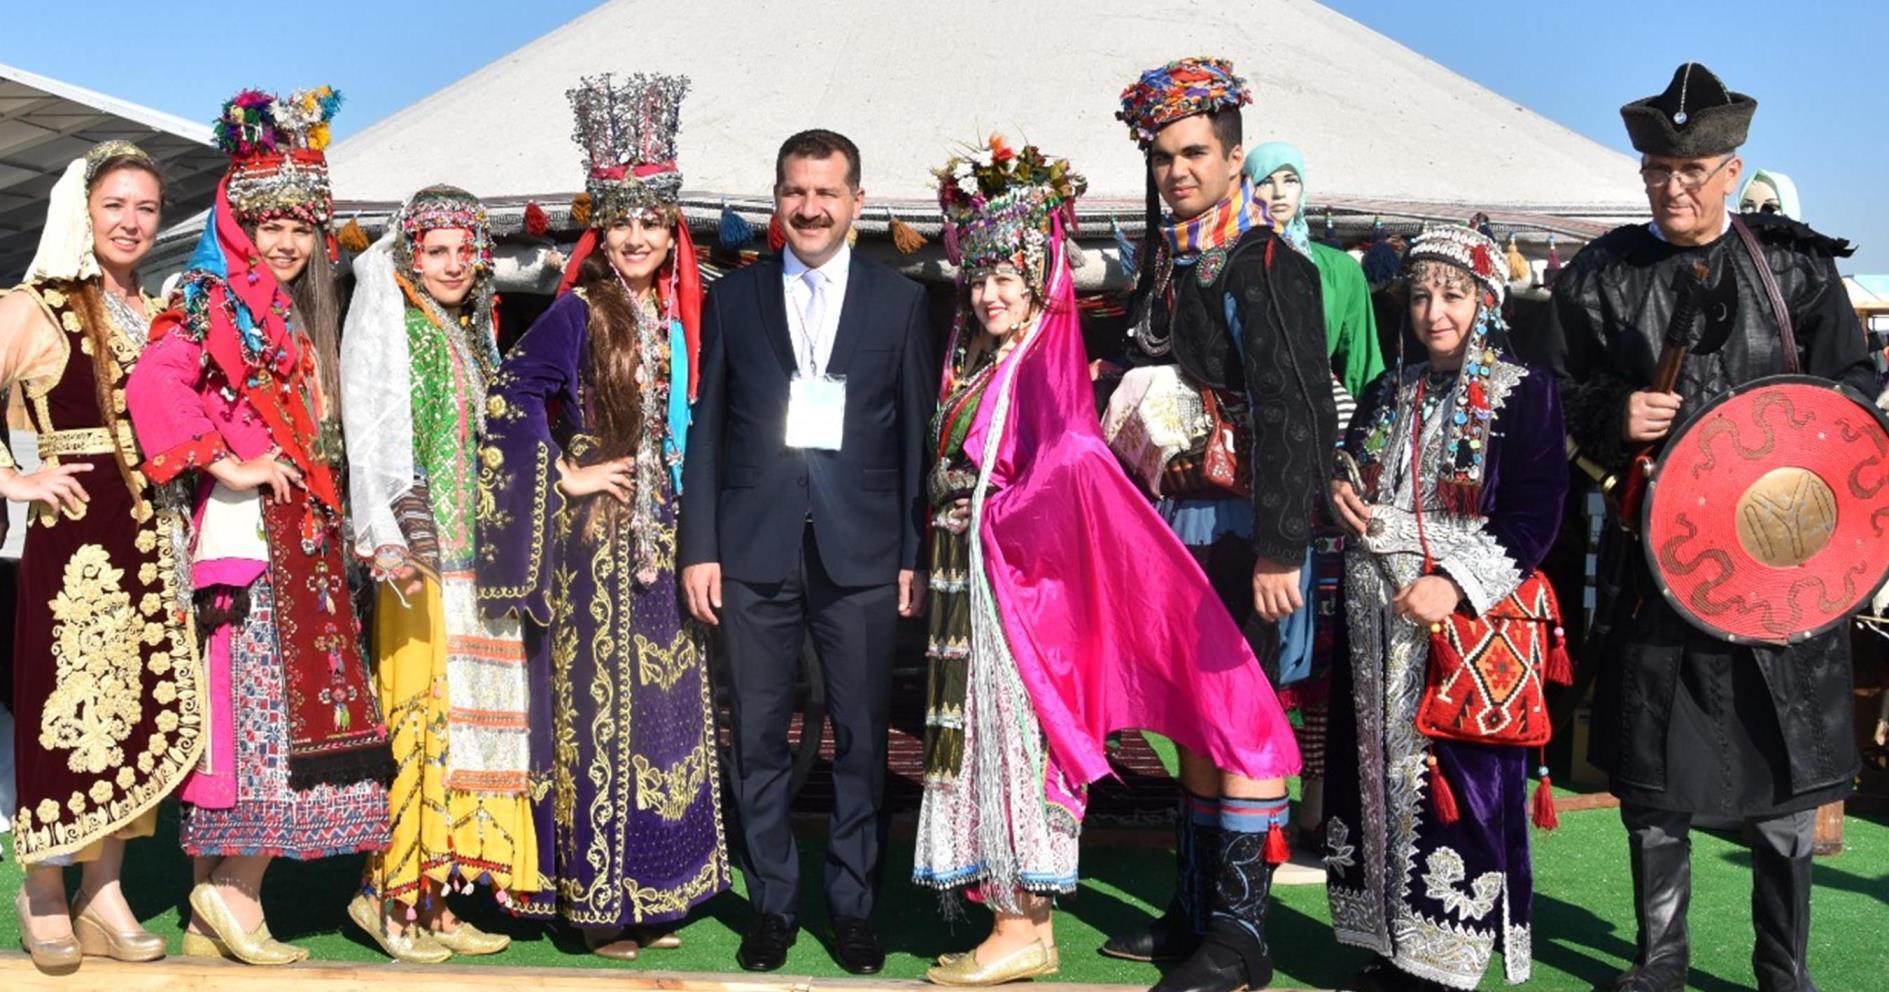 BALIKESİR ETNOSPOR KÜLTÜR FESTİVALİ'NE RENK KATTI